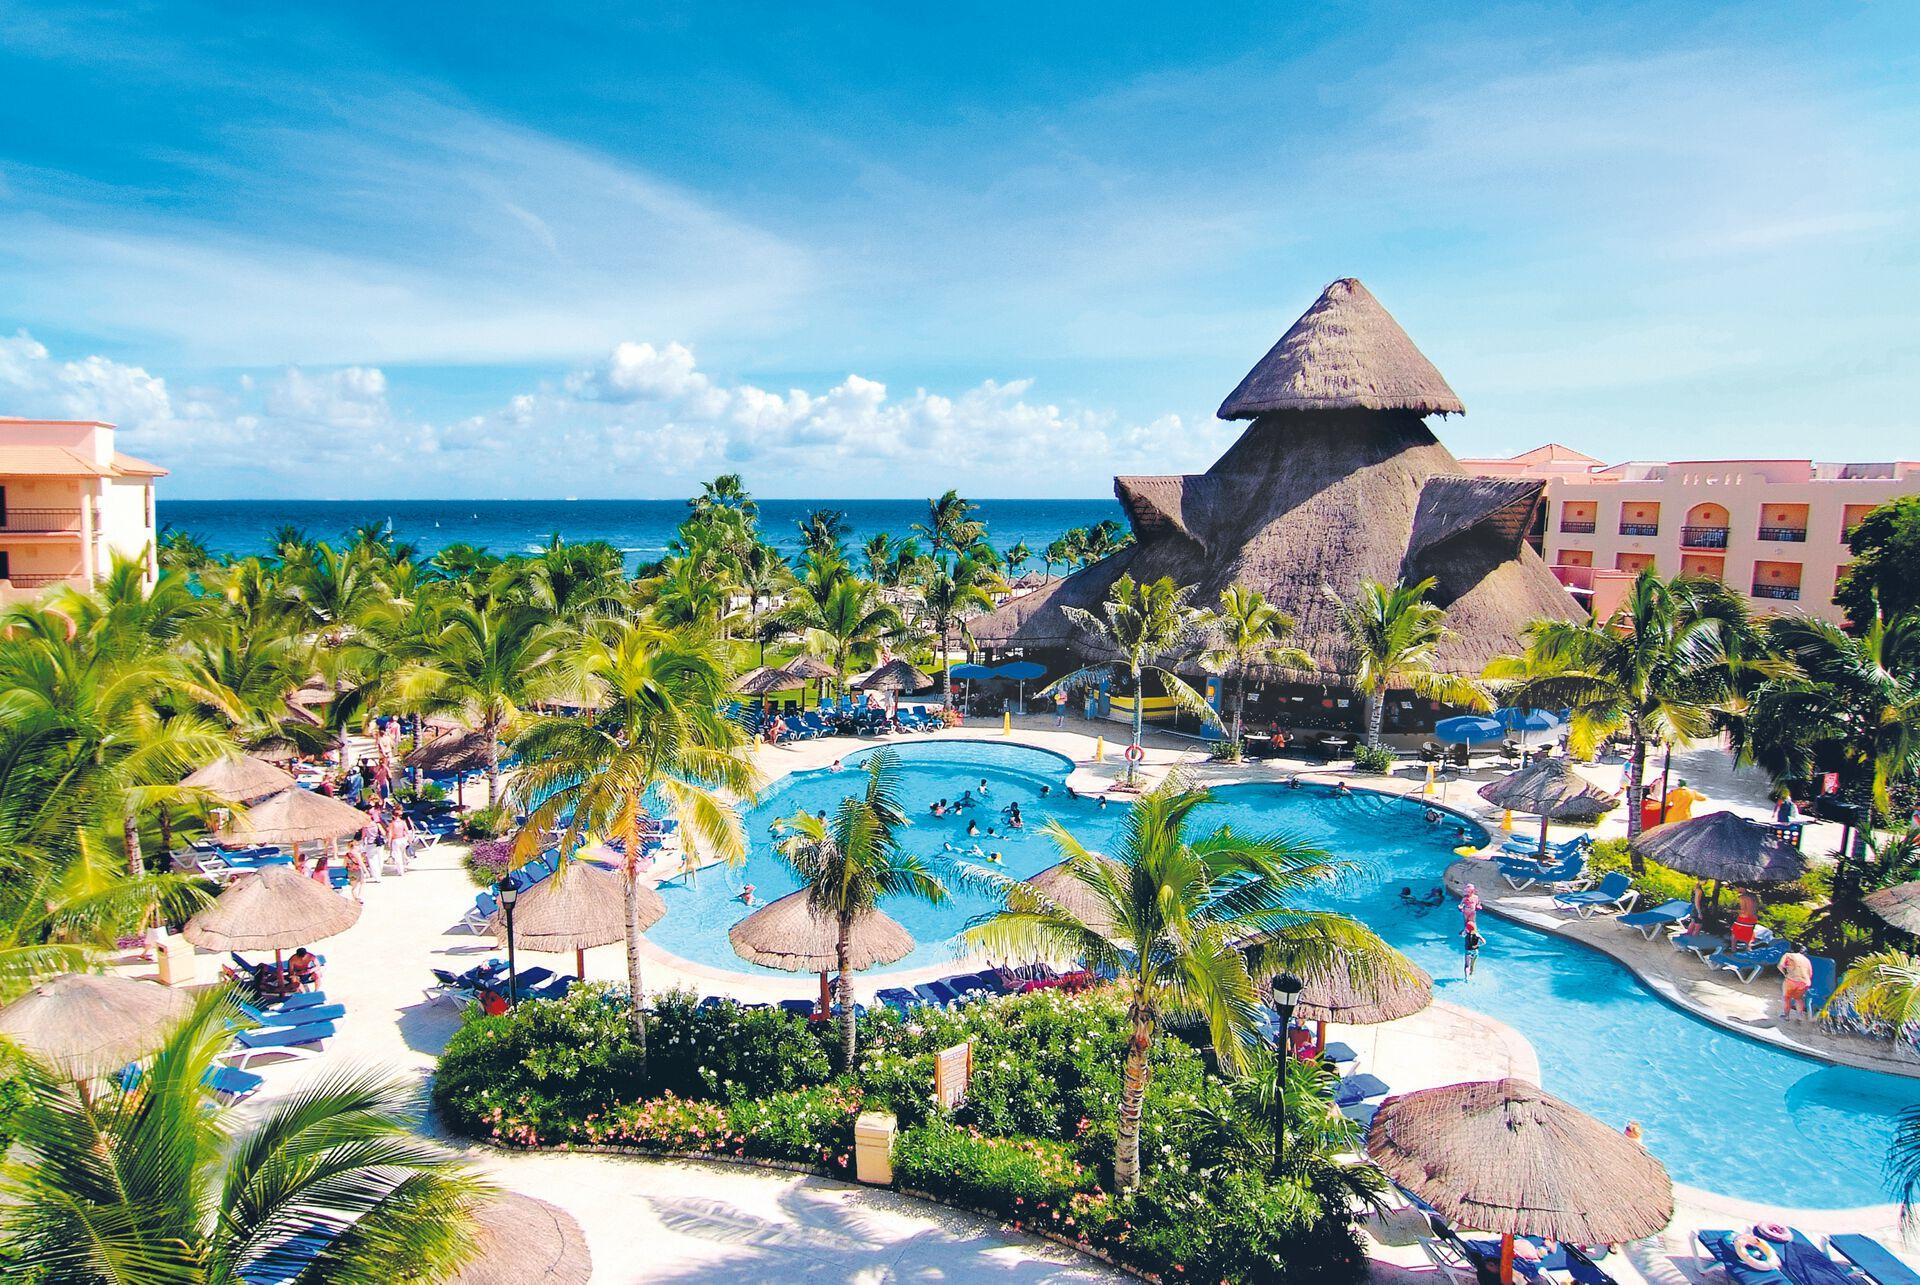 Hôtel sandos playacar beach resort 5*